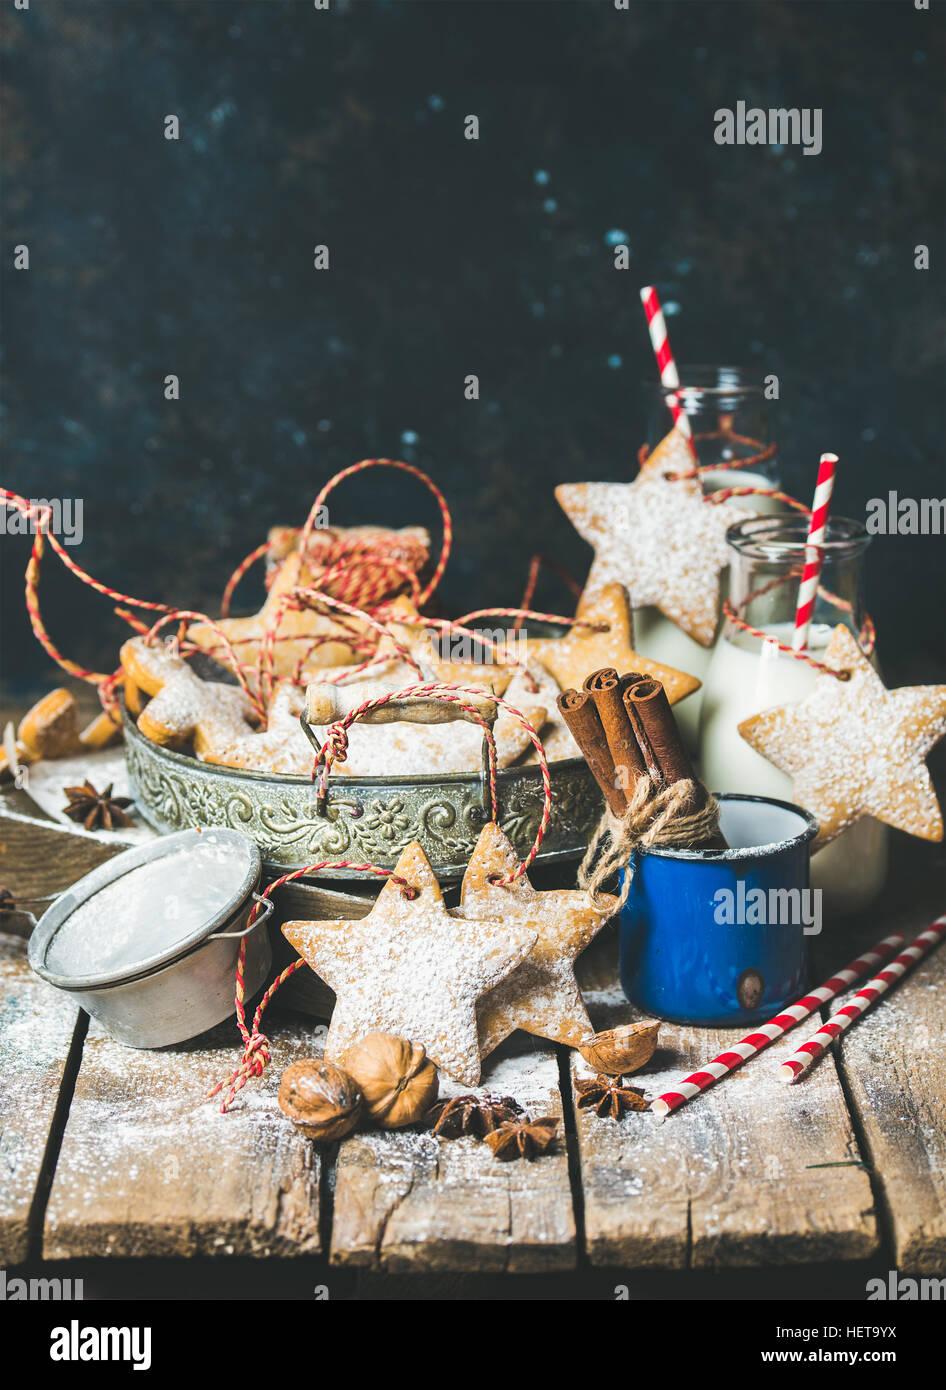 Galletas de Navidad, decoración, cuerda, nueces, especias, leche, azúcar en polvo Imagen De Stock